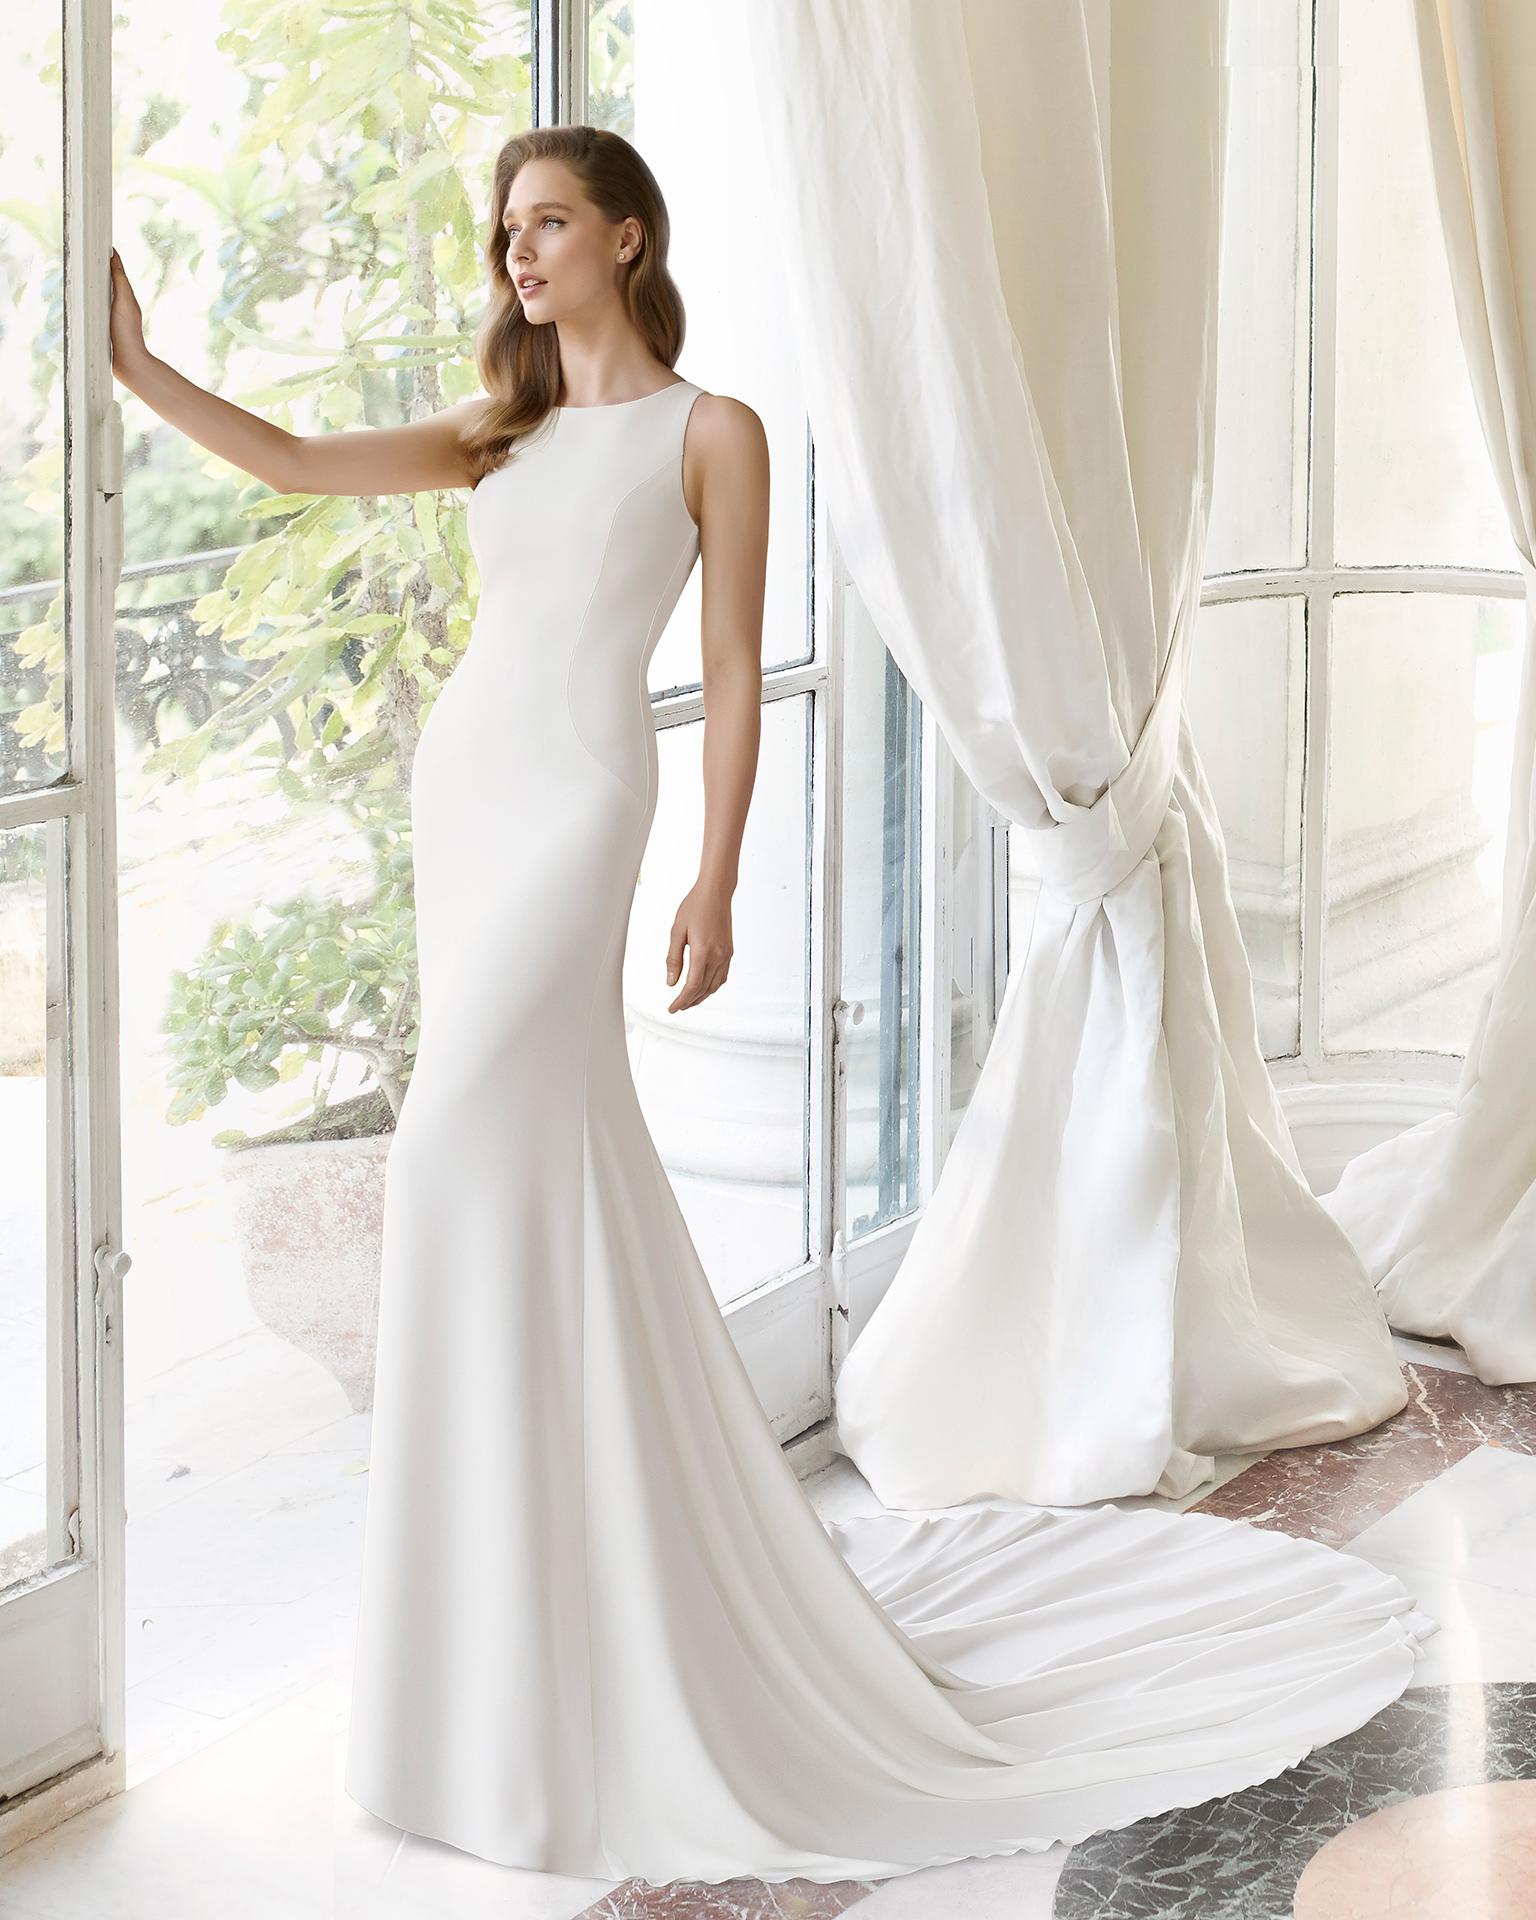 Rosa Clarà a présenté des robes sirène qui allient simplicité, élégance et  sensualité. Parmi les propositions, d\u0027élégantes robes de style sirène en  crêpe de